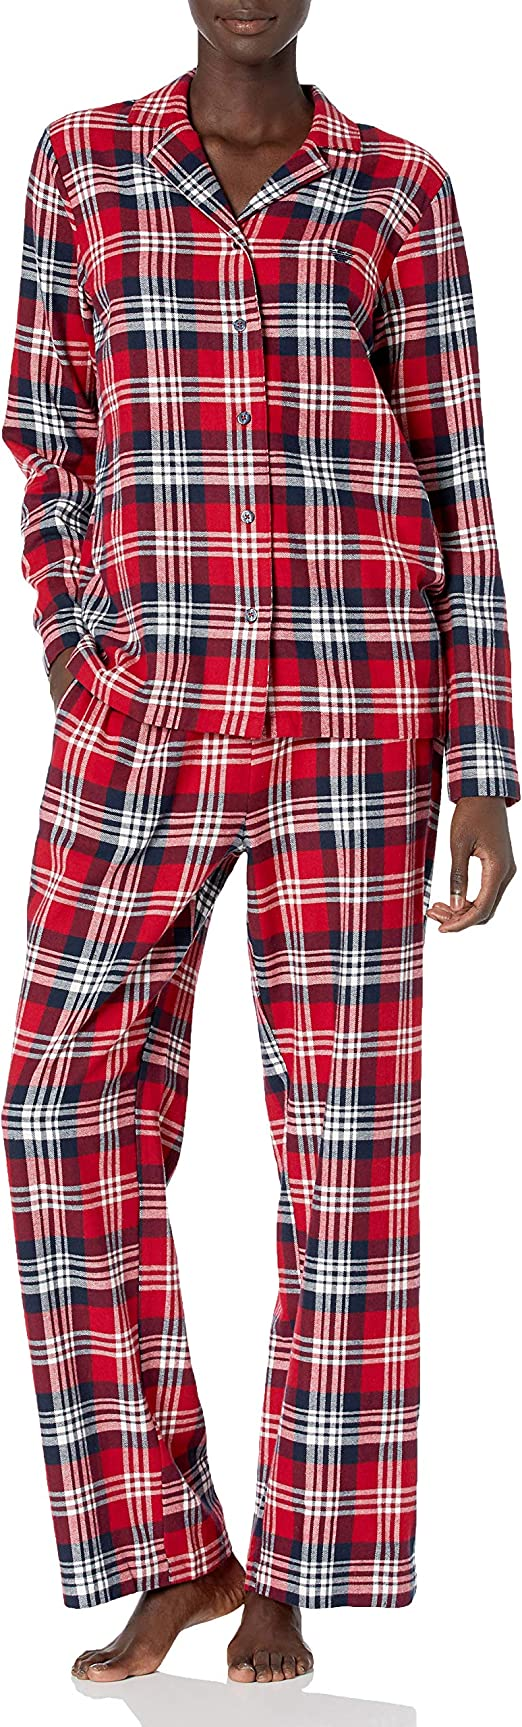 Emporio Armani Party Pajamas Set Pijama, Check Rubin ...